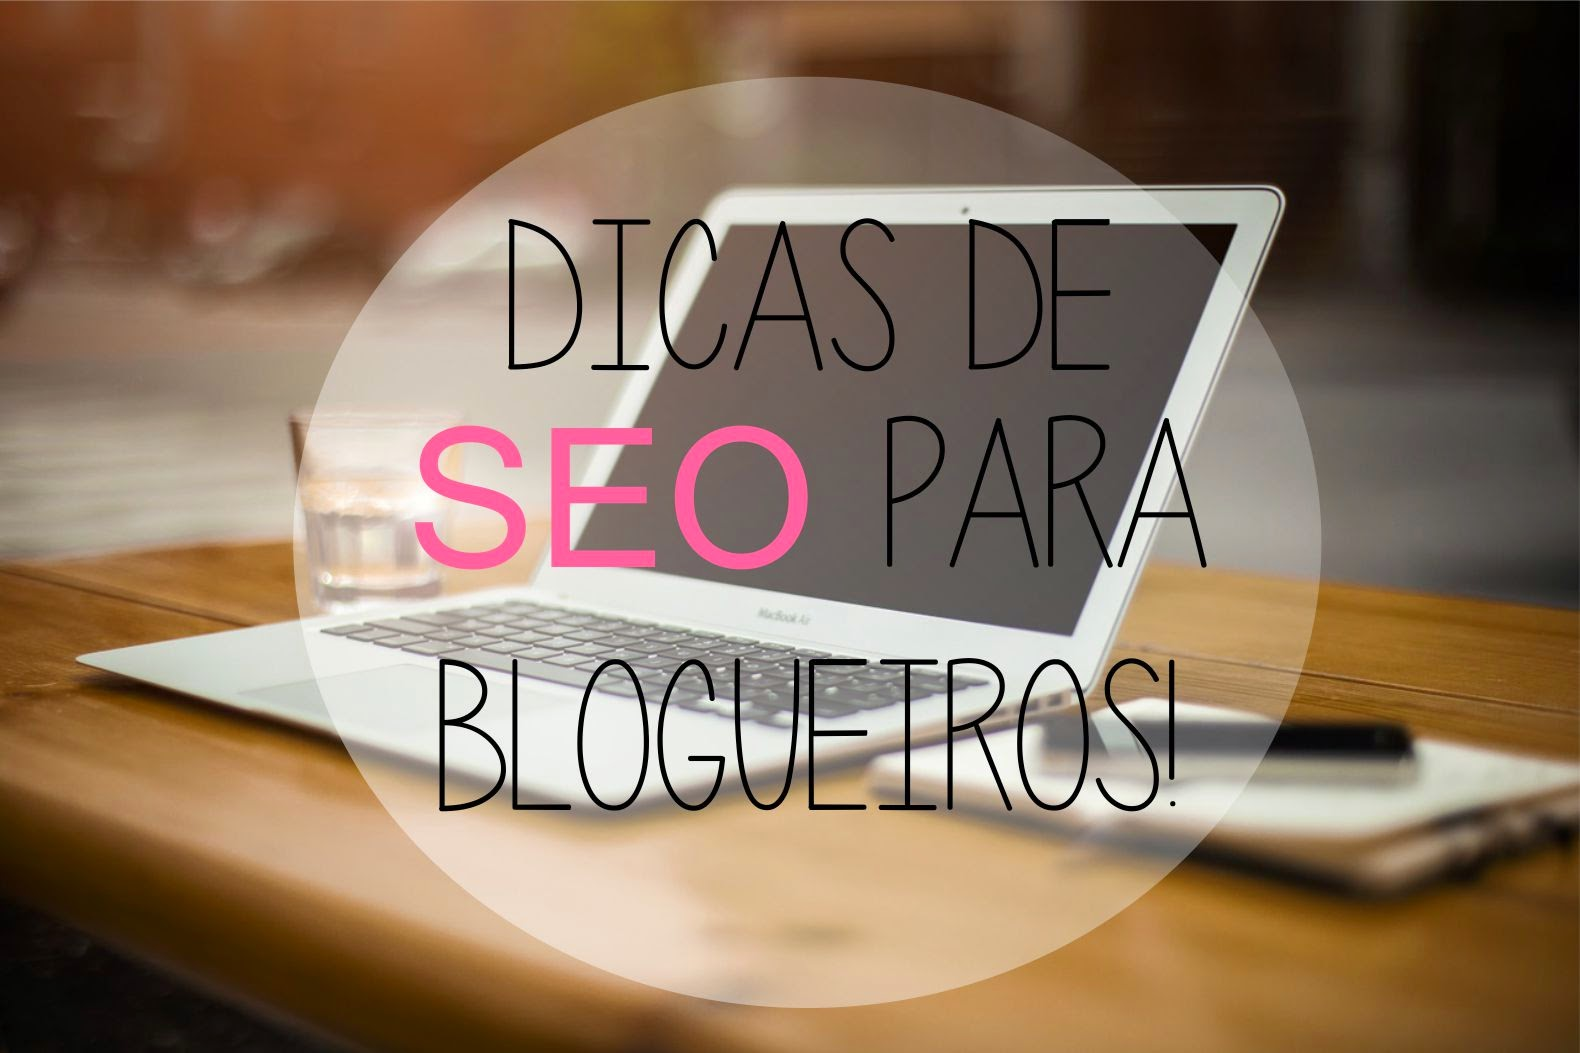 Dicas de SEO para blogueiros - Parole di Juliana